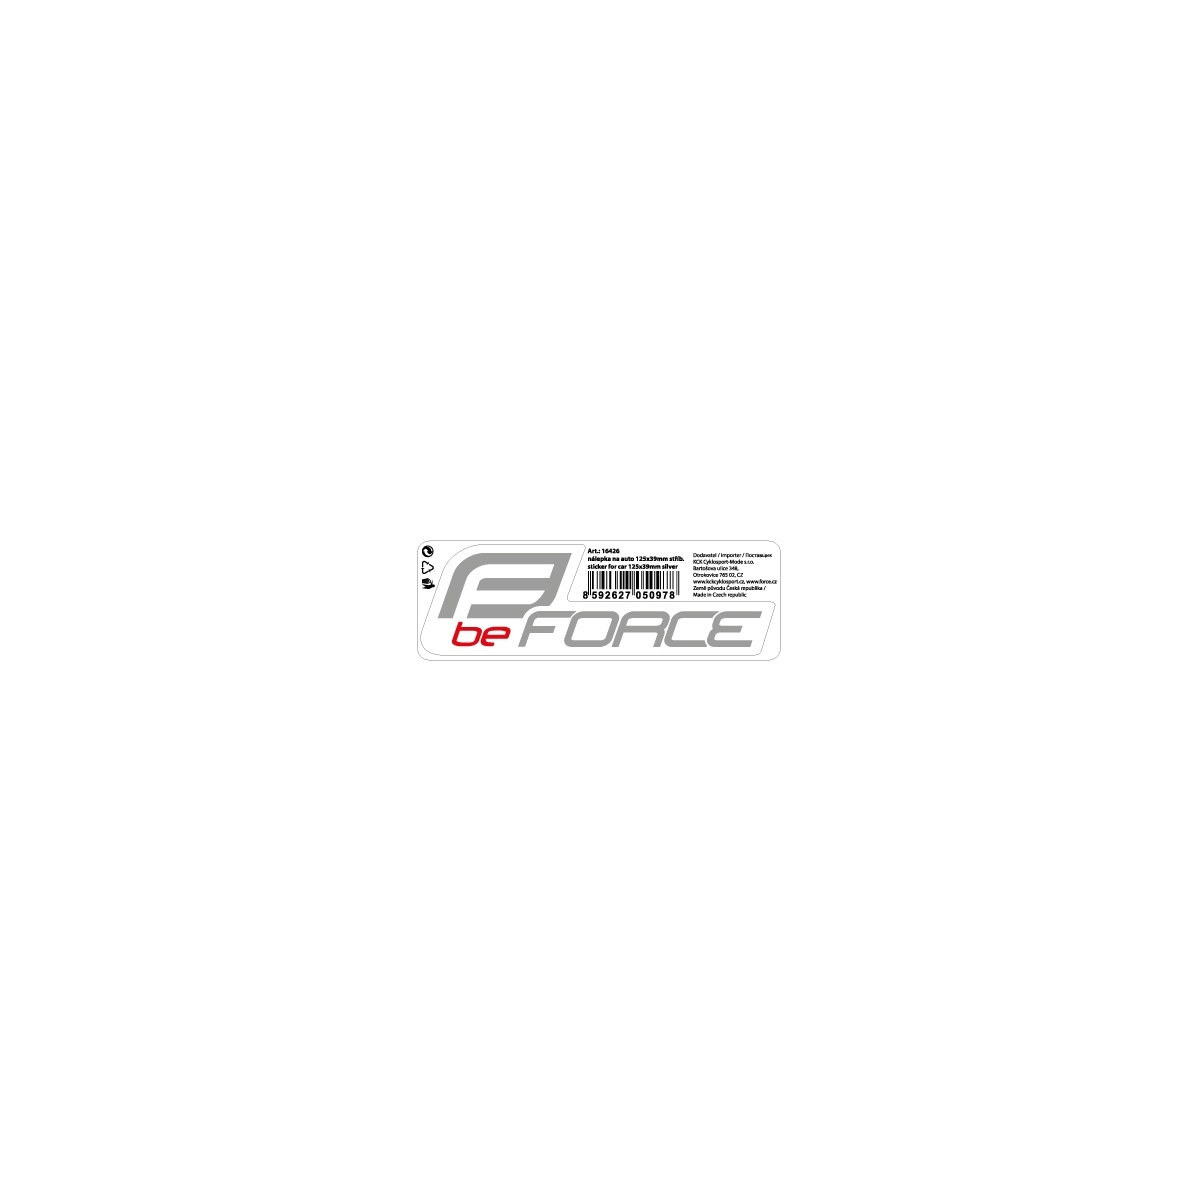 Force Logo Refleks Klistermærke 125 x 39 mm | Reflekser